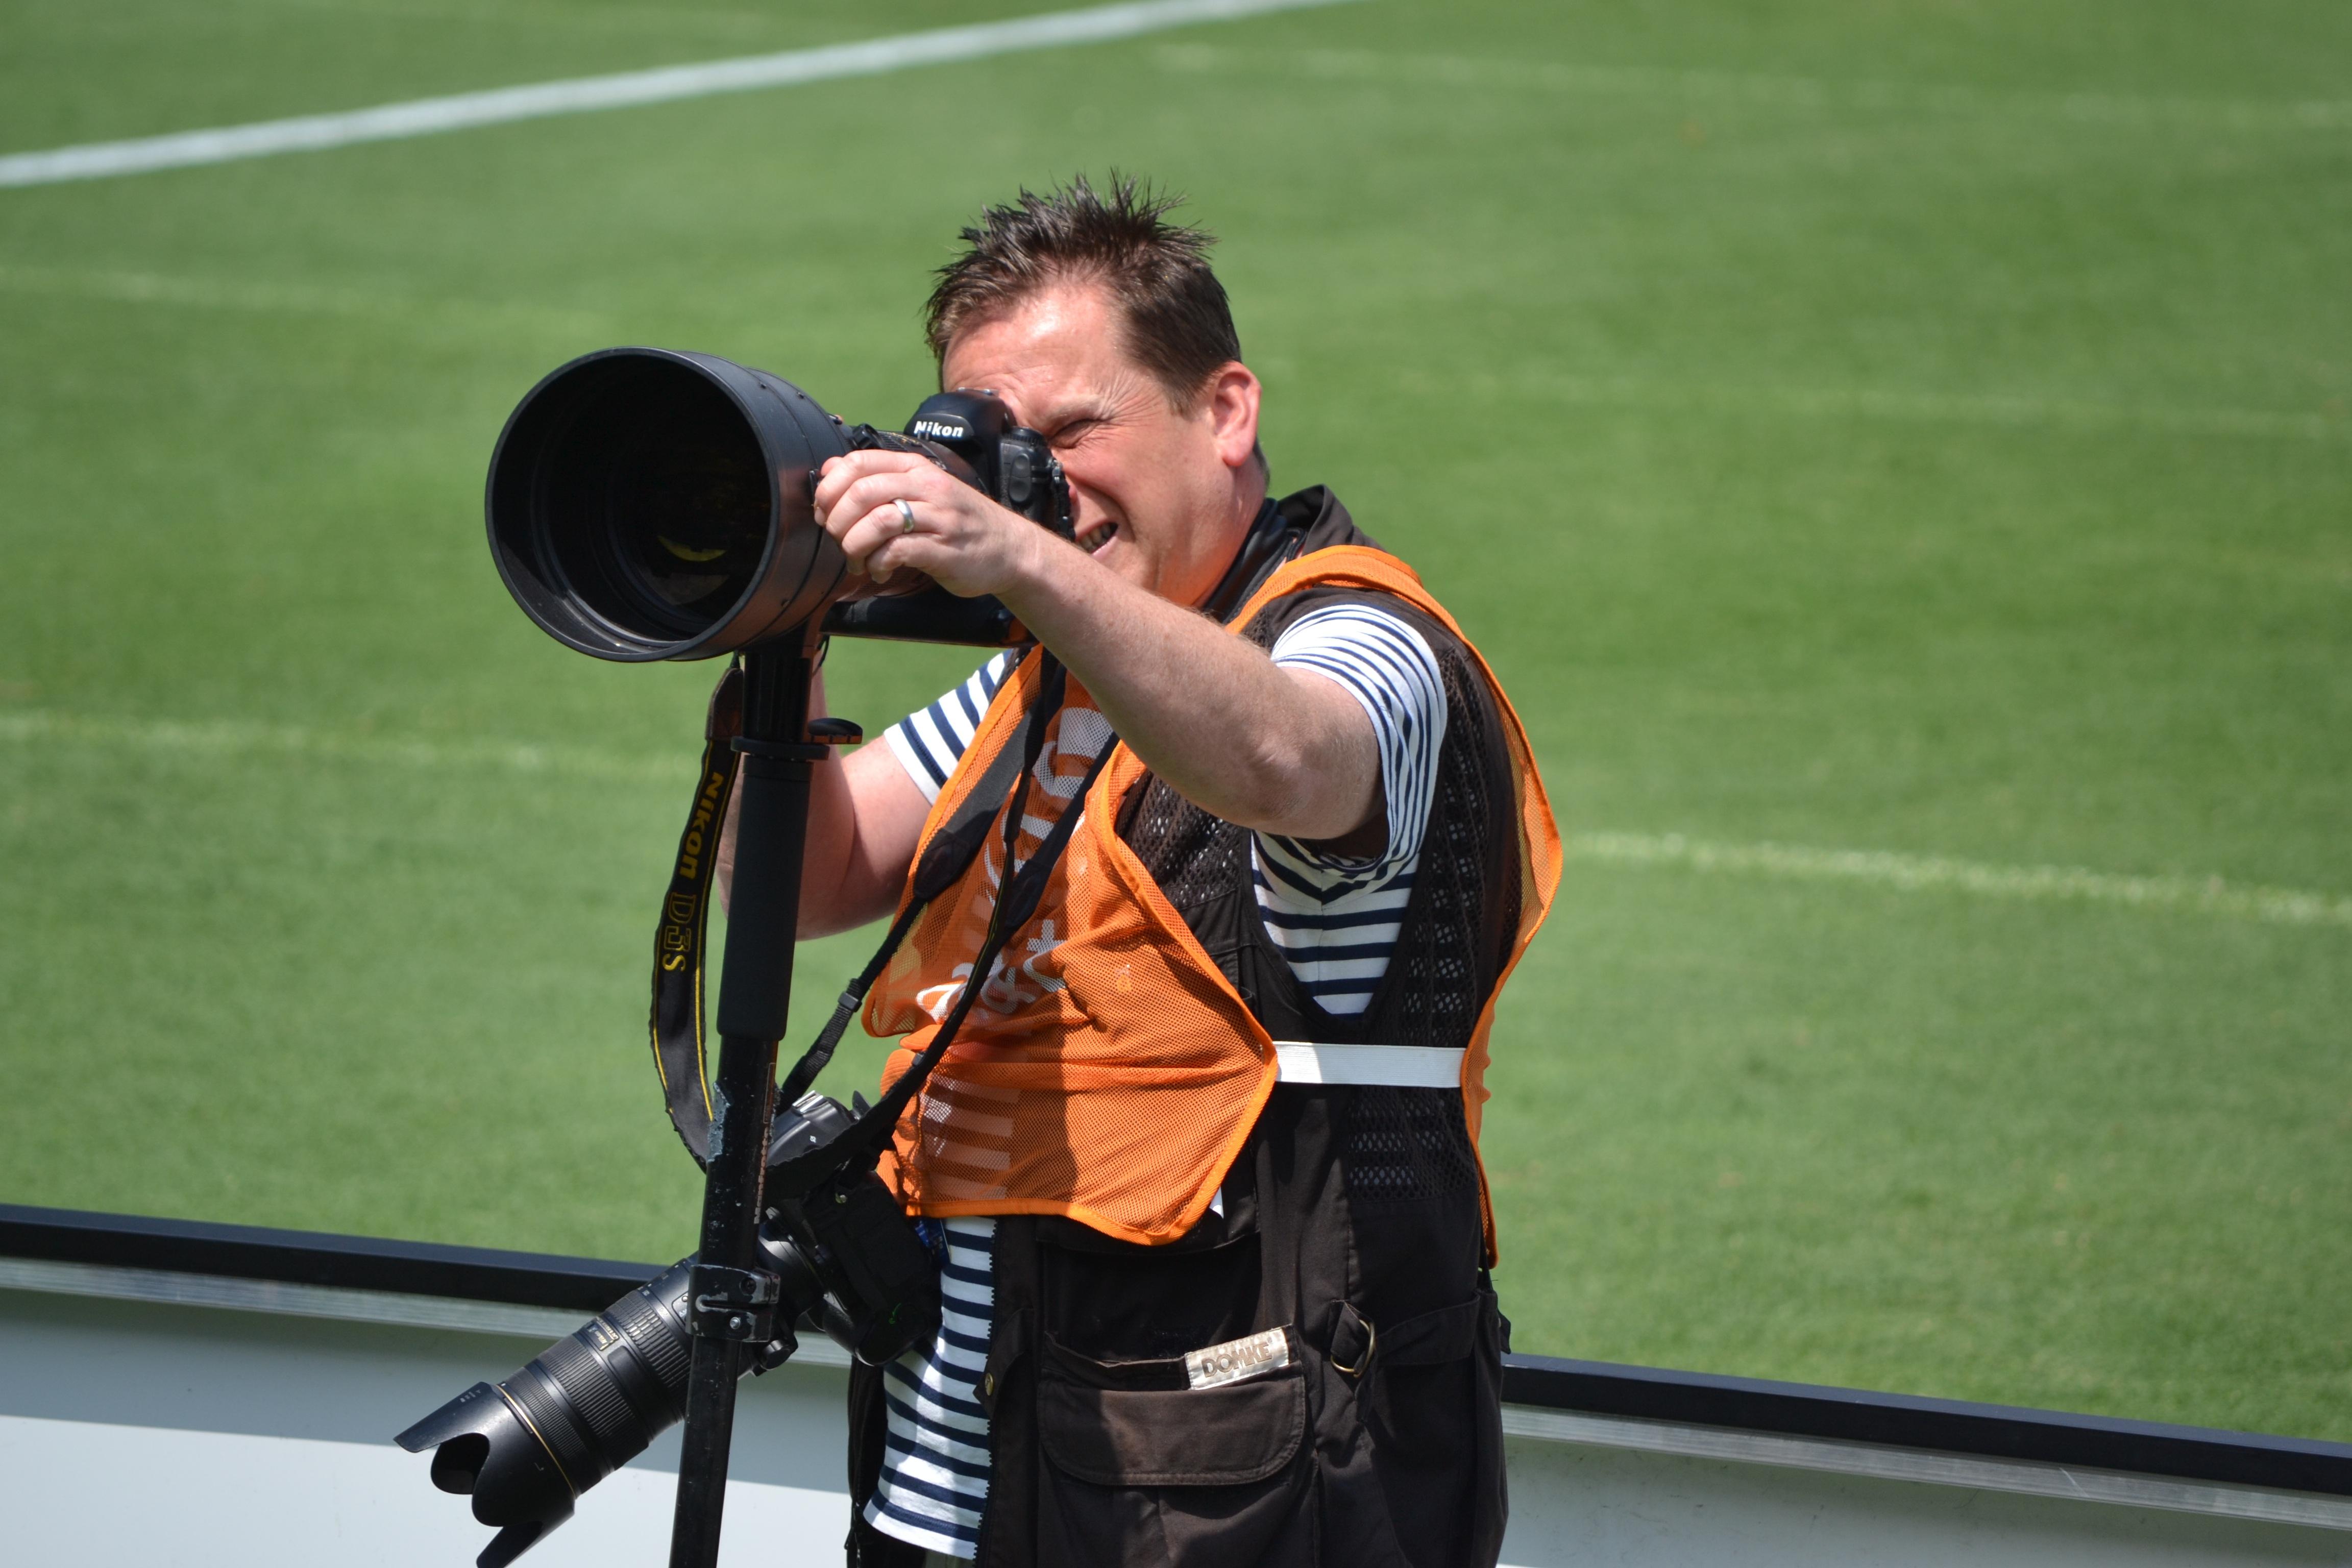 вакансии спортивного фотографа отвлечься